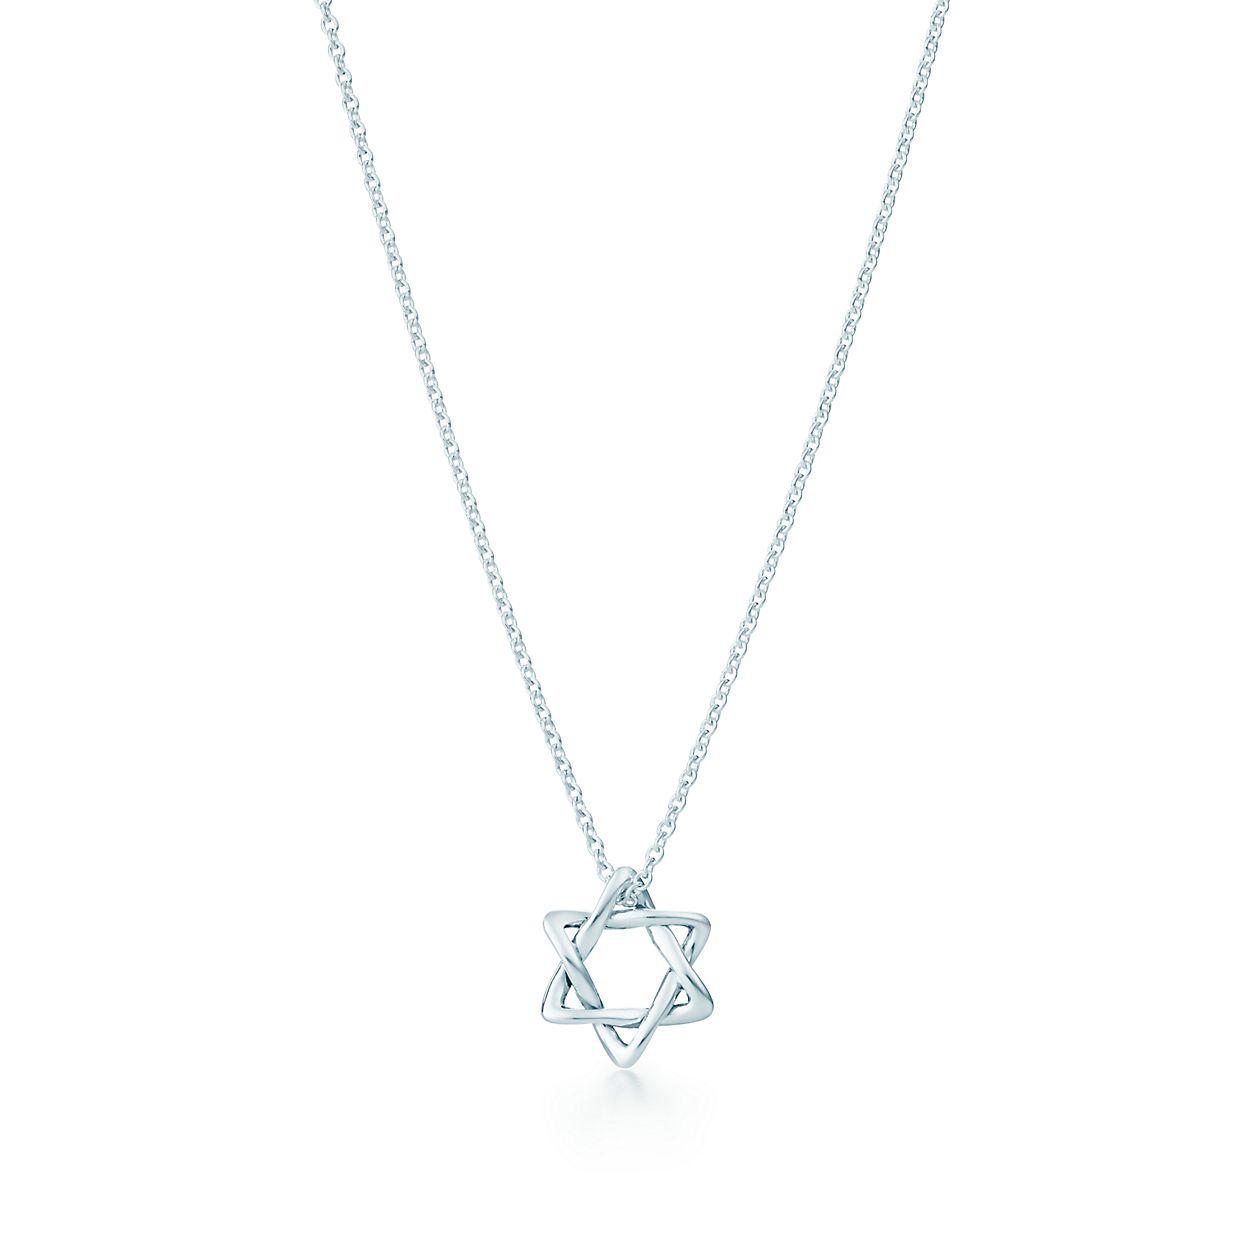 Elsa Peretti Round pendant in sterling silver - Size 24 mm Tiffany & Co. PFx2fqPBK